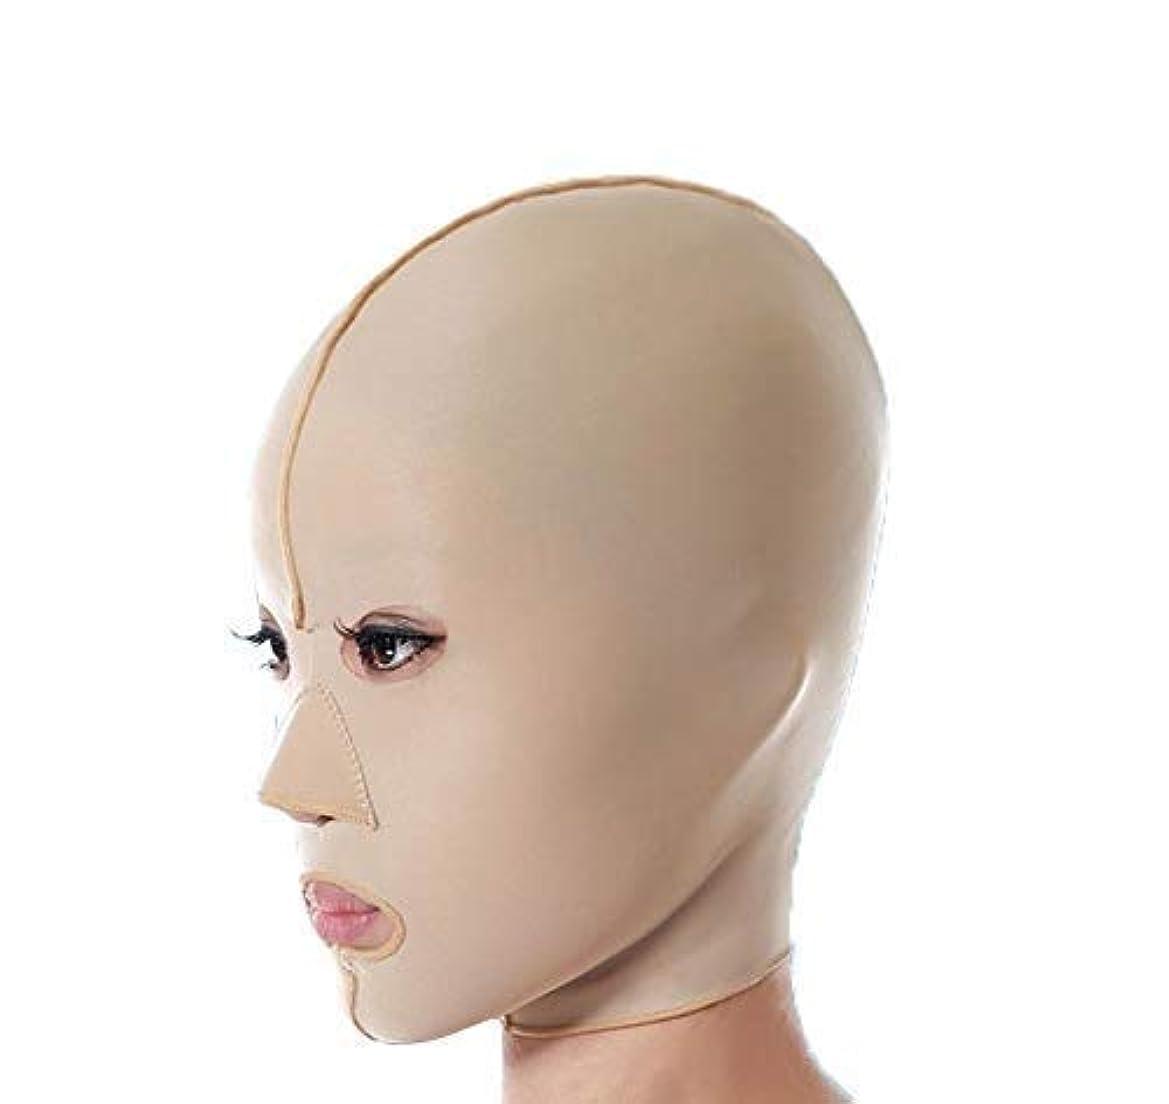 ぼろ愛するマサッチョファーミングフェイスマスク、フェイシャルマスクメディシンパワフルフェイスマスクアーティファクト美容たるみ防止ローパターンフェイシャルリフティングファーミングフルフェイスマスク(サイズ:Xl)